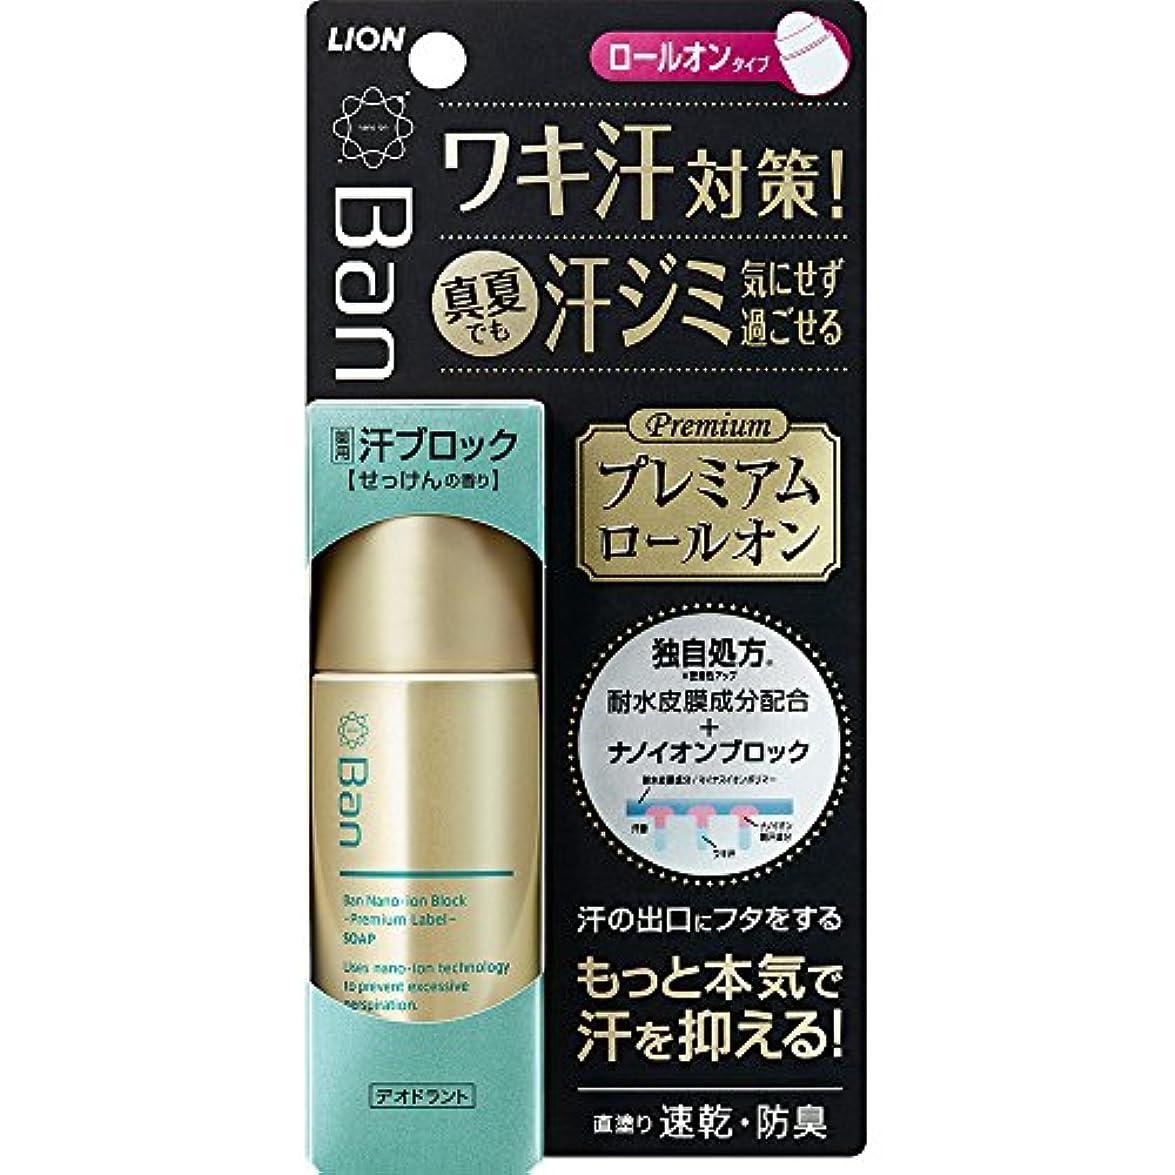 フォーラムテーマフィットネスBan(バン) 汗ブロックロールオン プレミアムラベル せっけんの香り 40ml(医薬部外品)